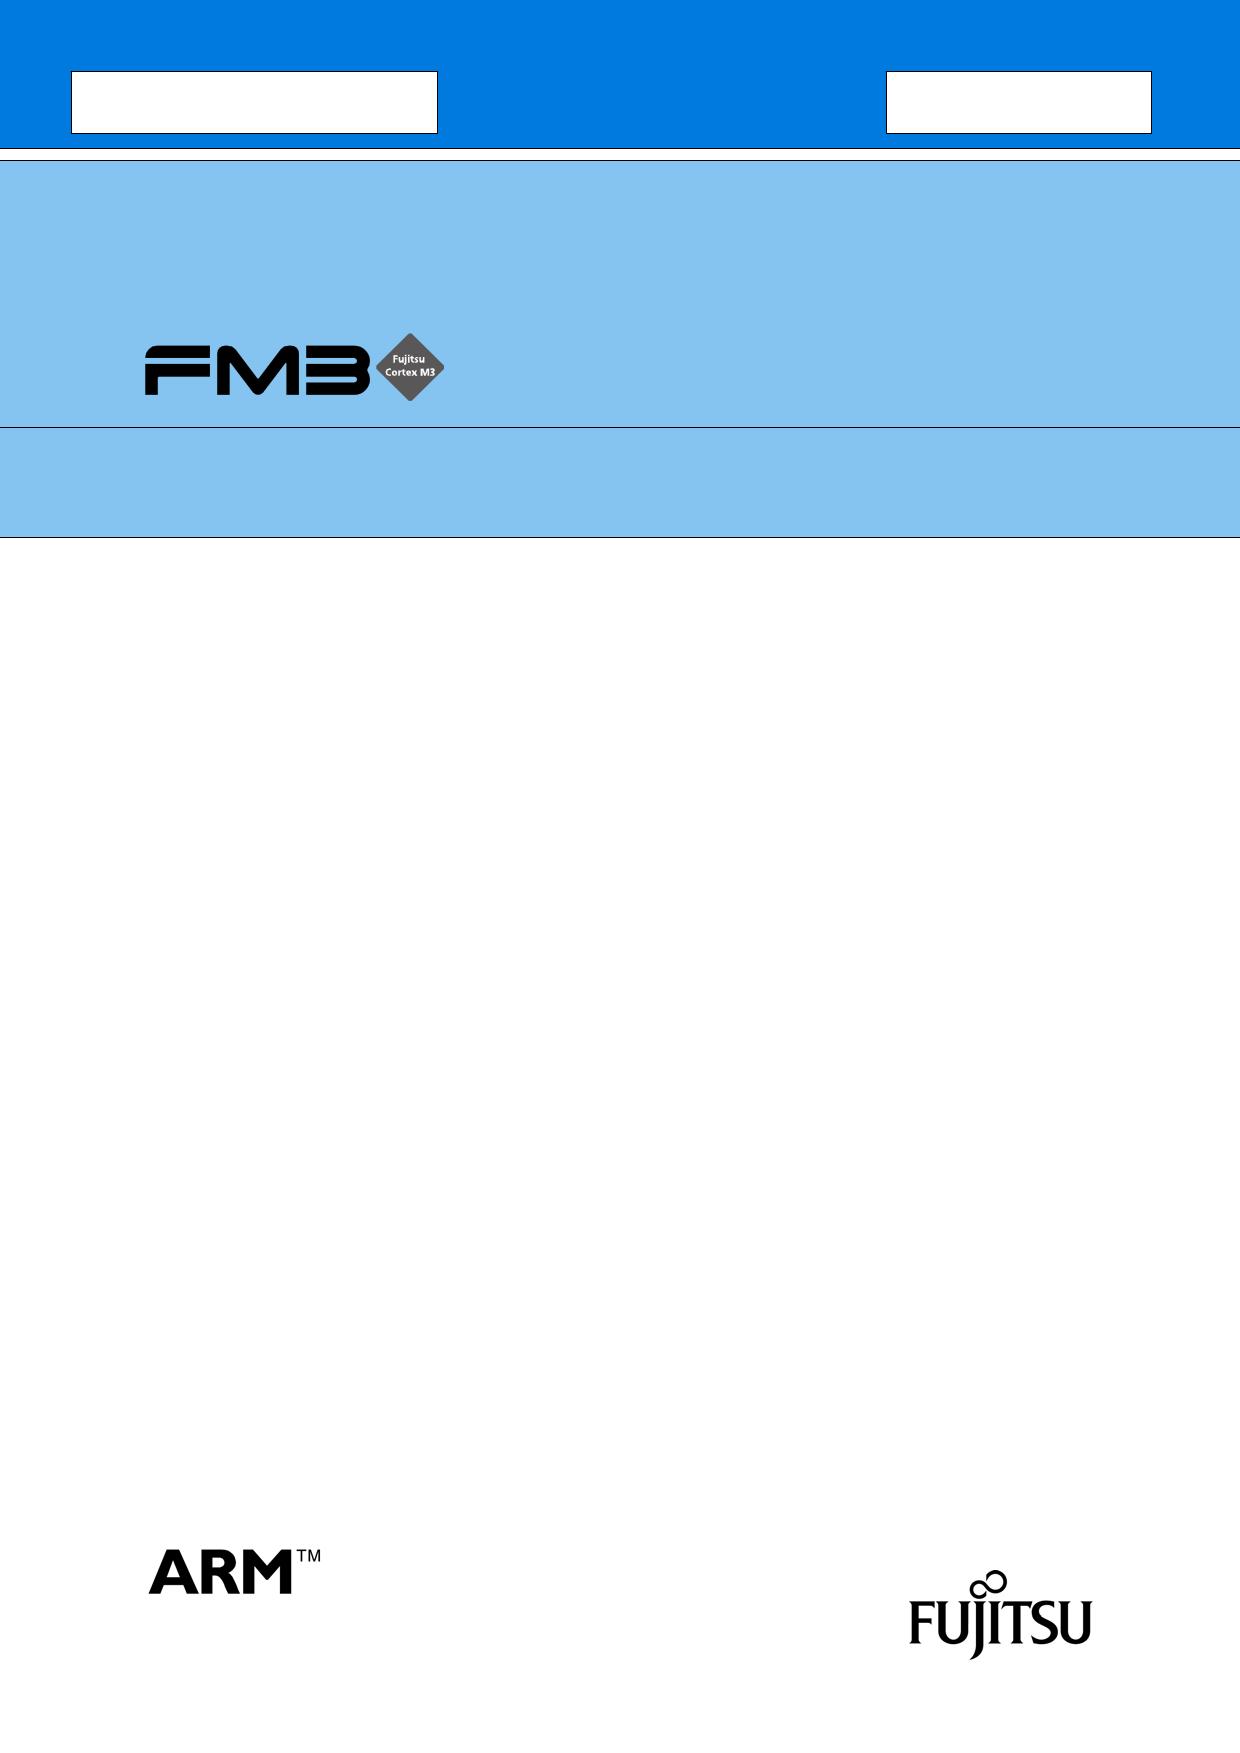 MB9BF321K 데이터시트 및 MB9BF321K PDF